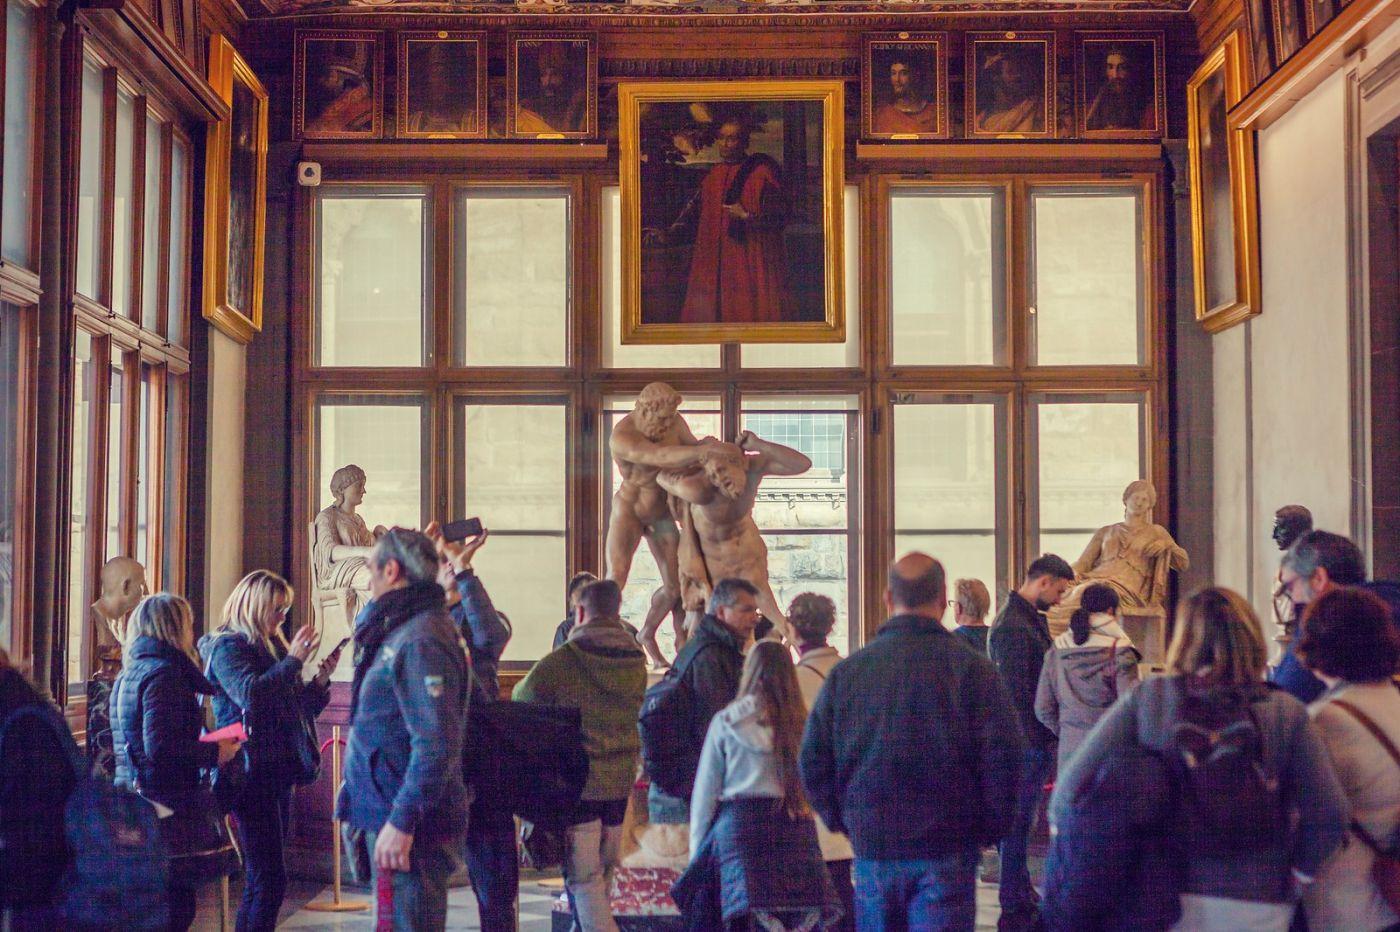 意大利佛罗伦斯乌菲兹美术馆, 进去看一看_图1-31